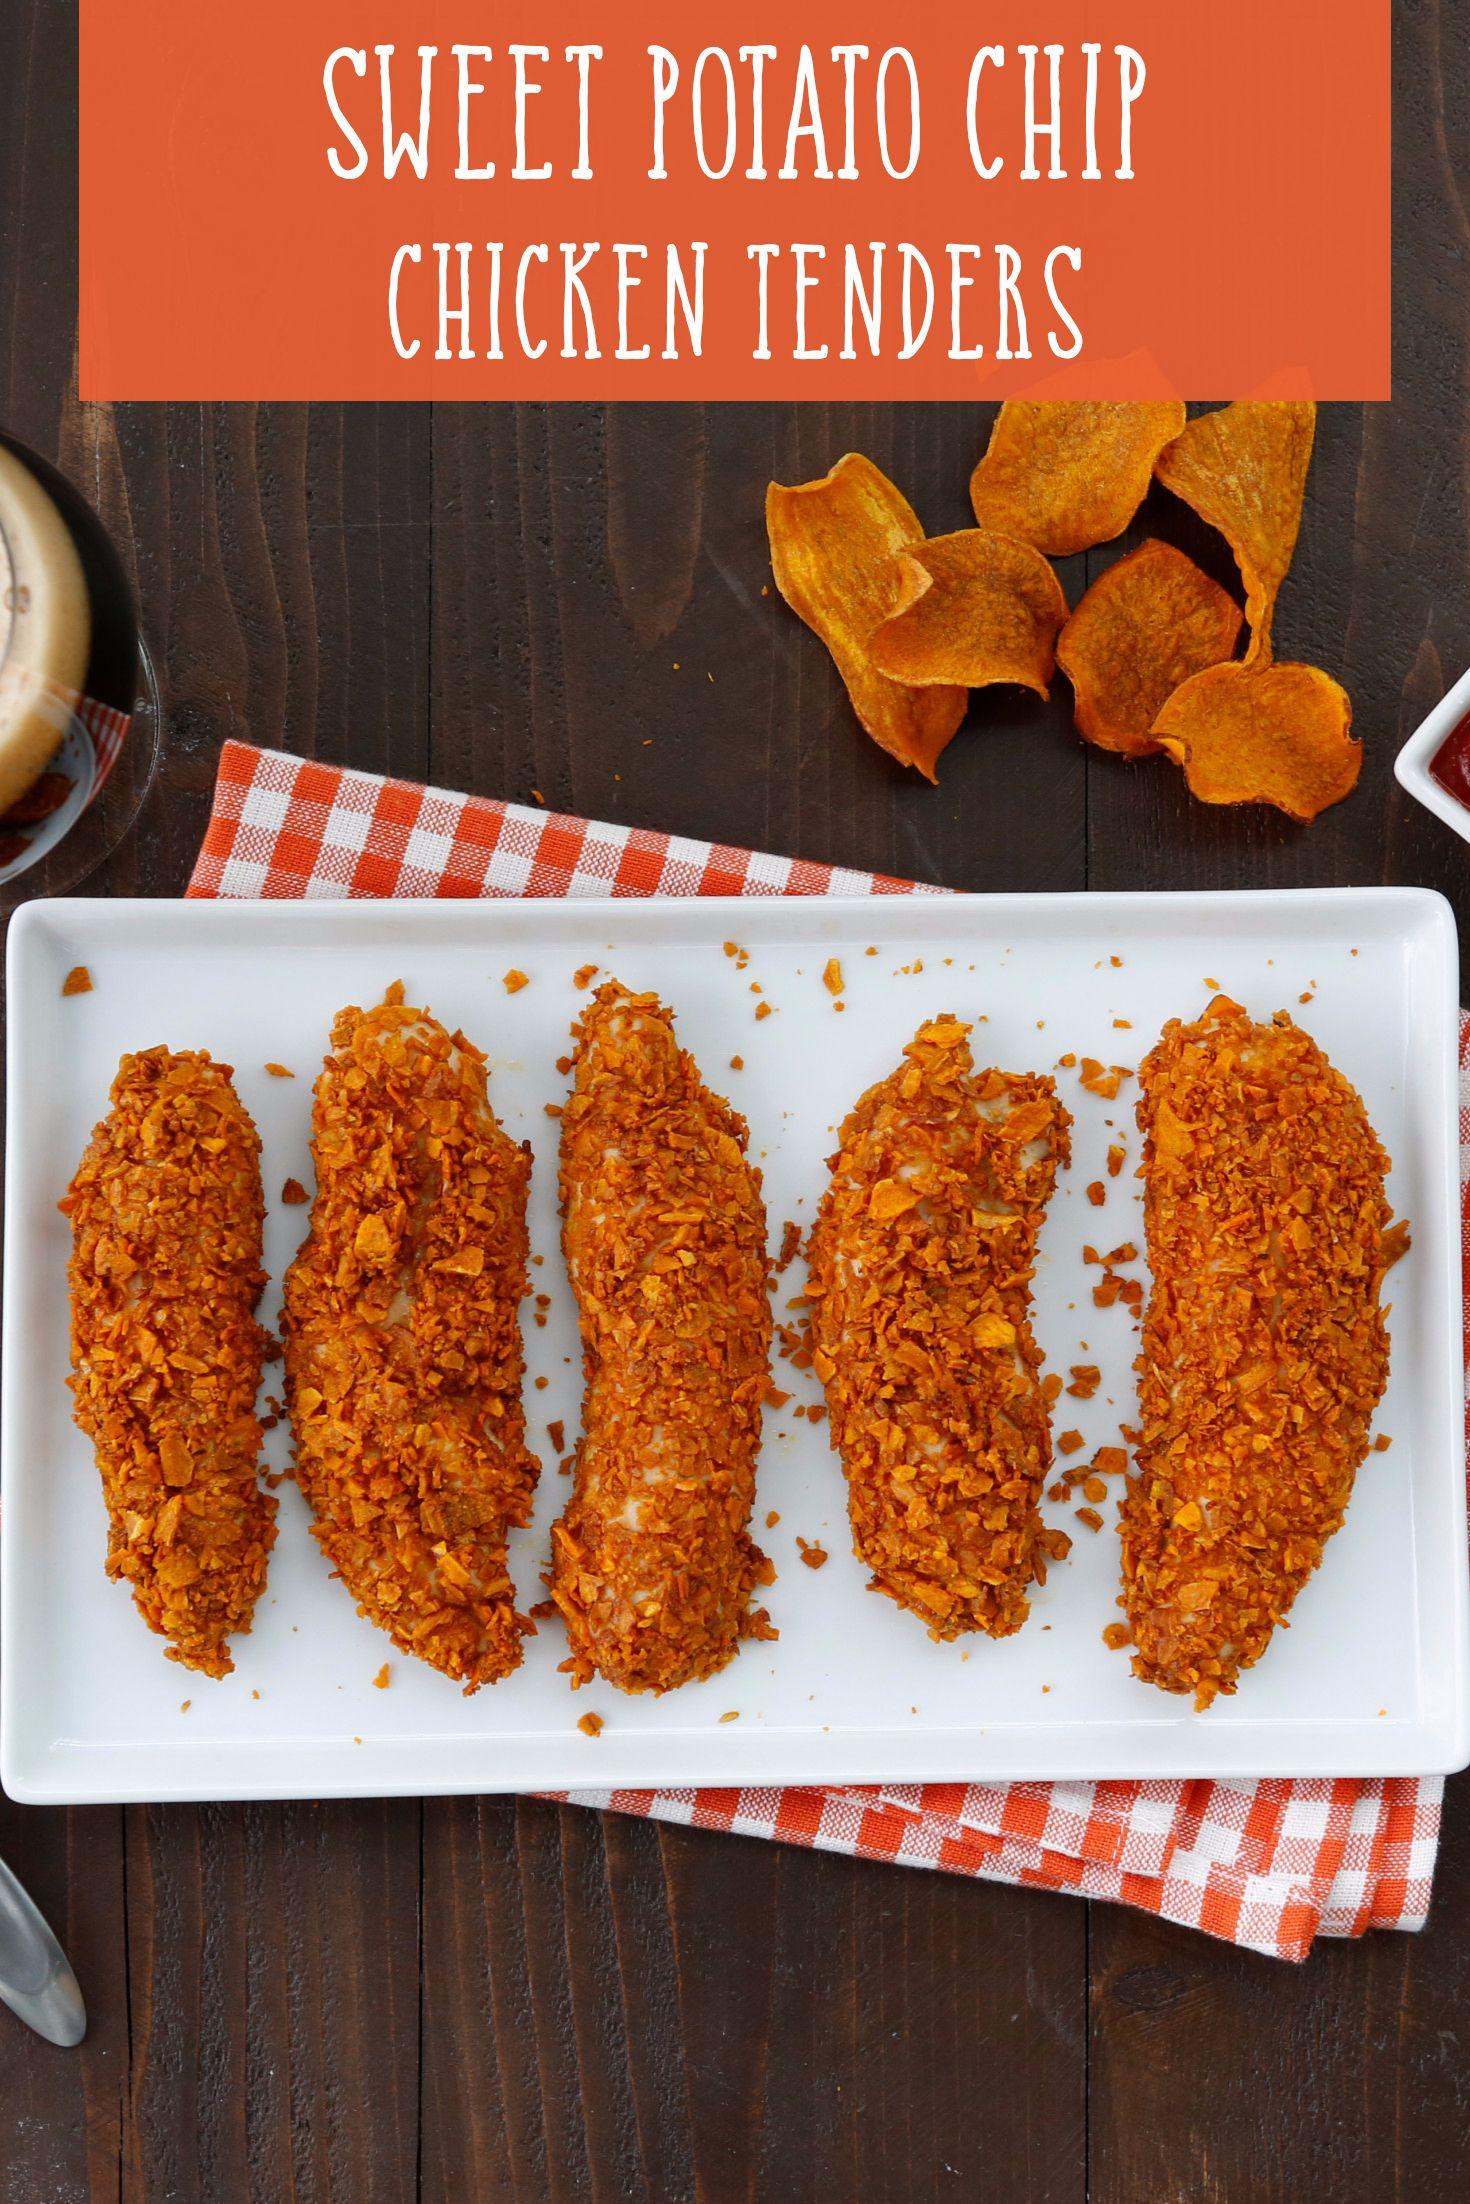 Chicken tenders coated in food should taste good original